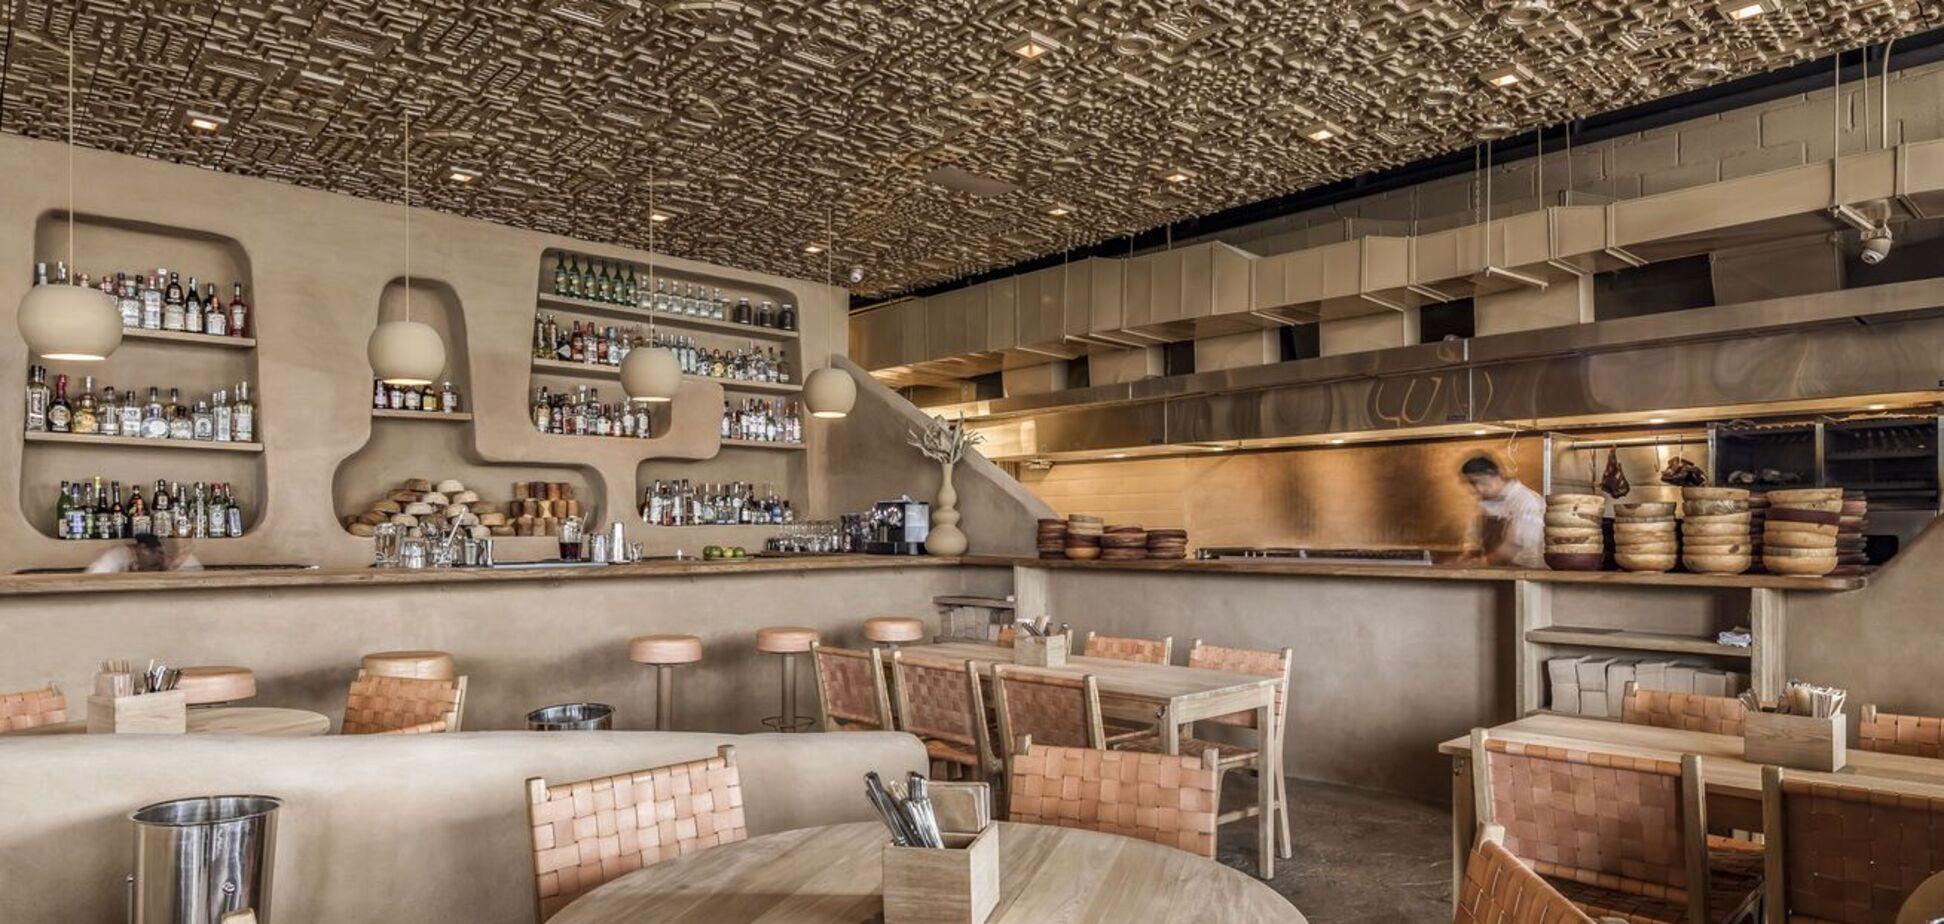 Дизайн в стиле майя: необычное архитектурное решение для мексиканского ресторана. Фото